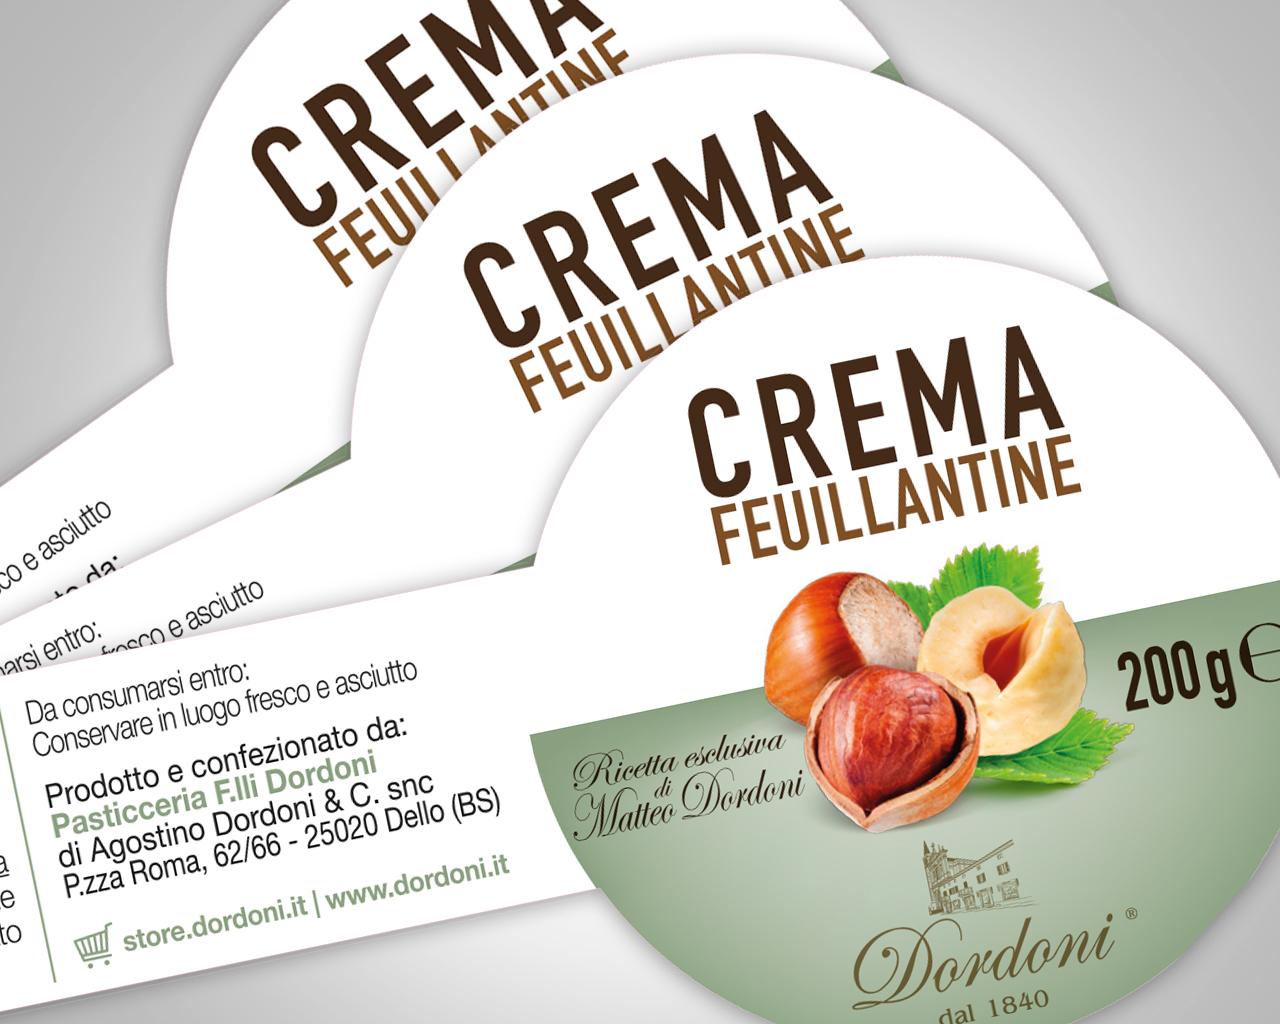 Progettazione grafica etichetta alimentare